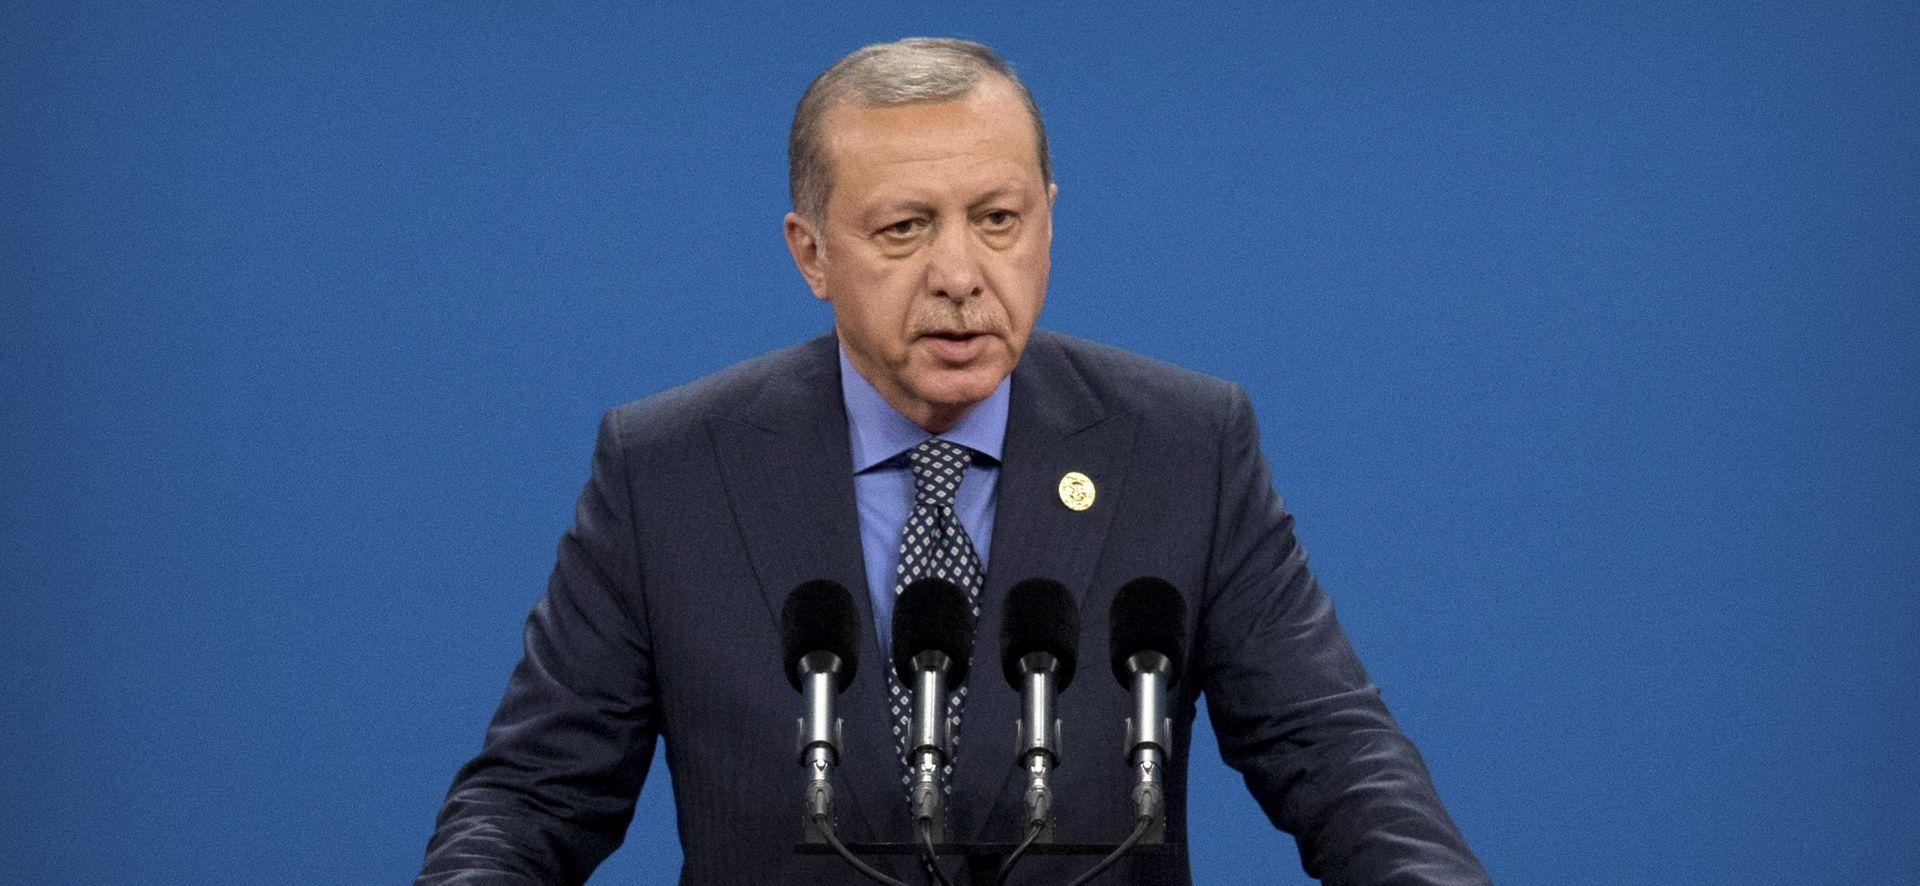 Erdogan: Nama je interes da Hrvatska bude jaka